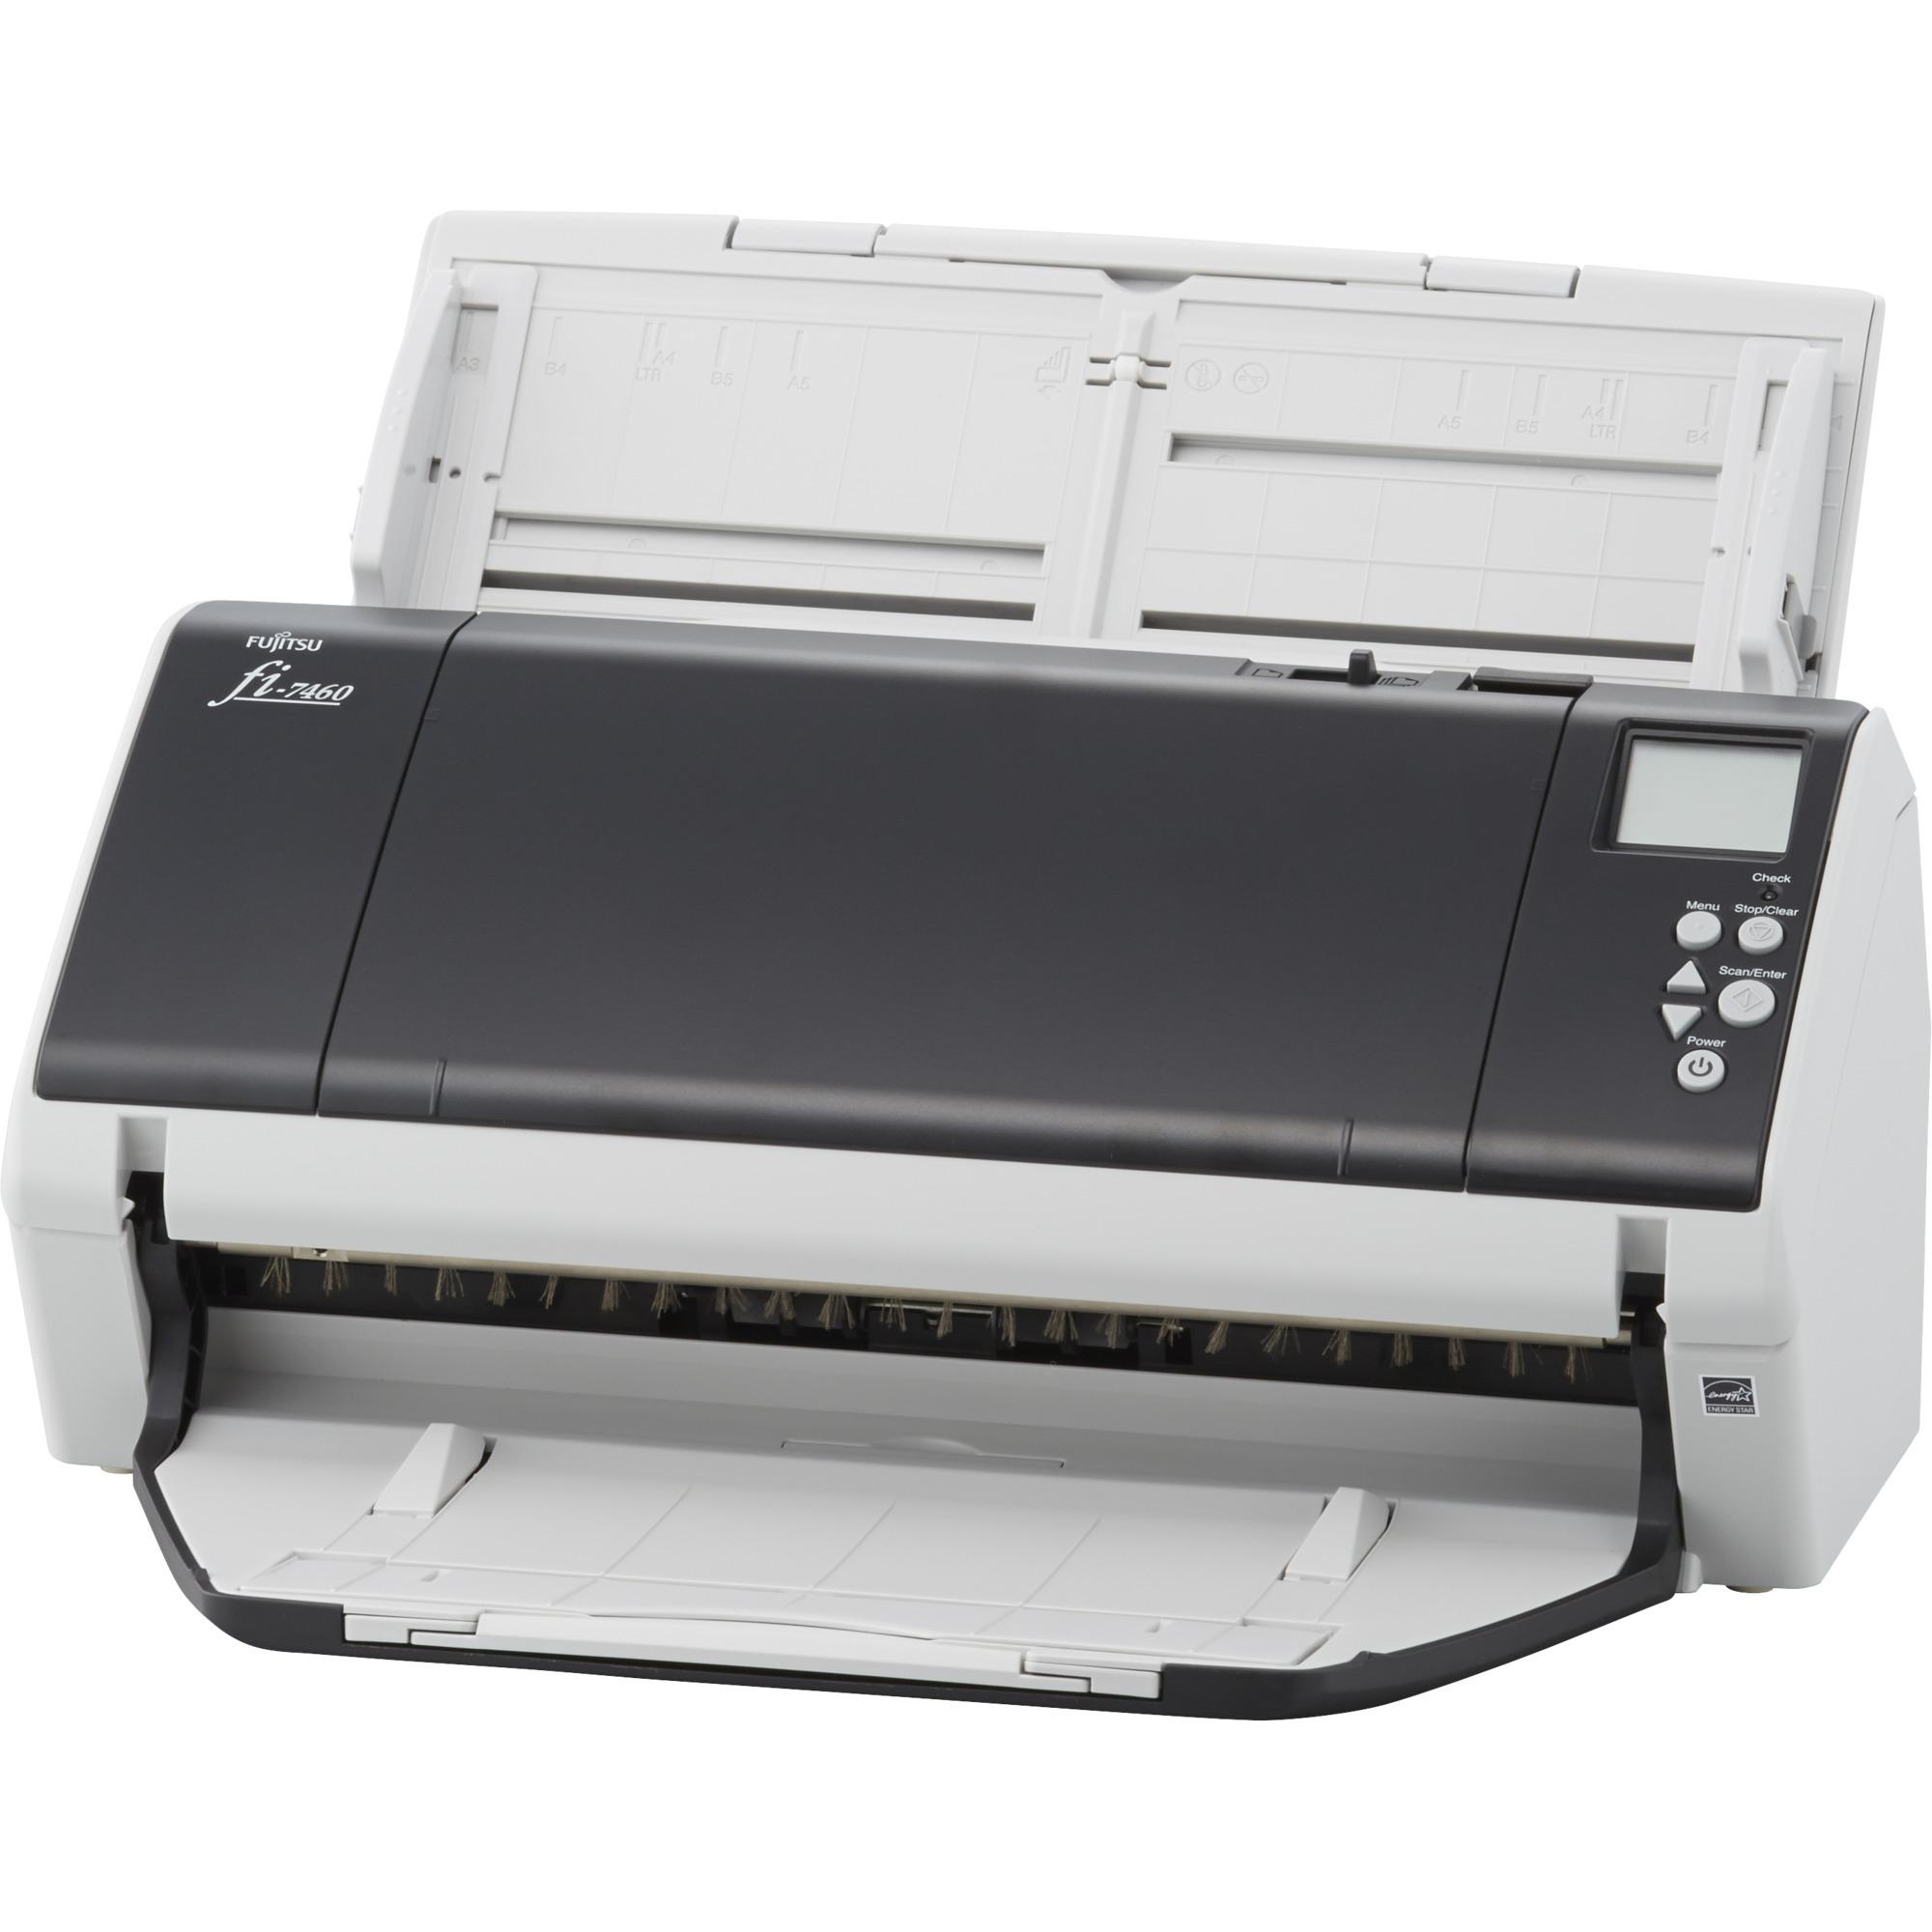 fi-7460 Scanner ADF 600 x 600DPI A4 Gris, Blanc